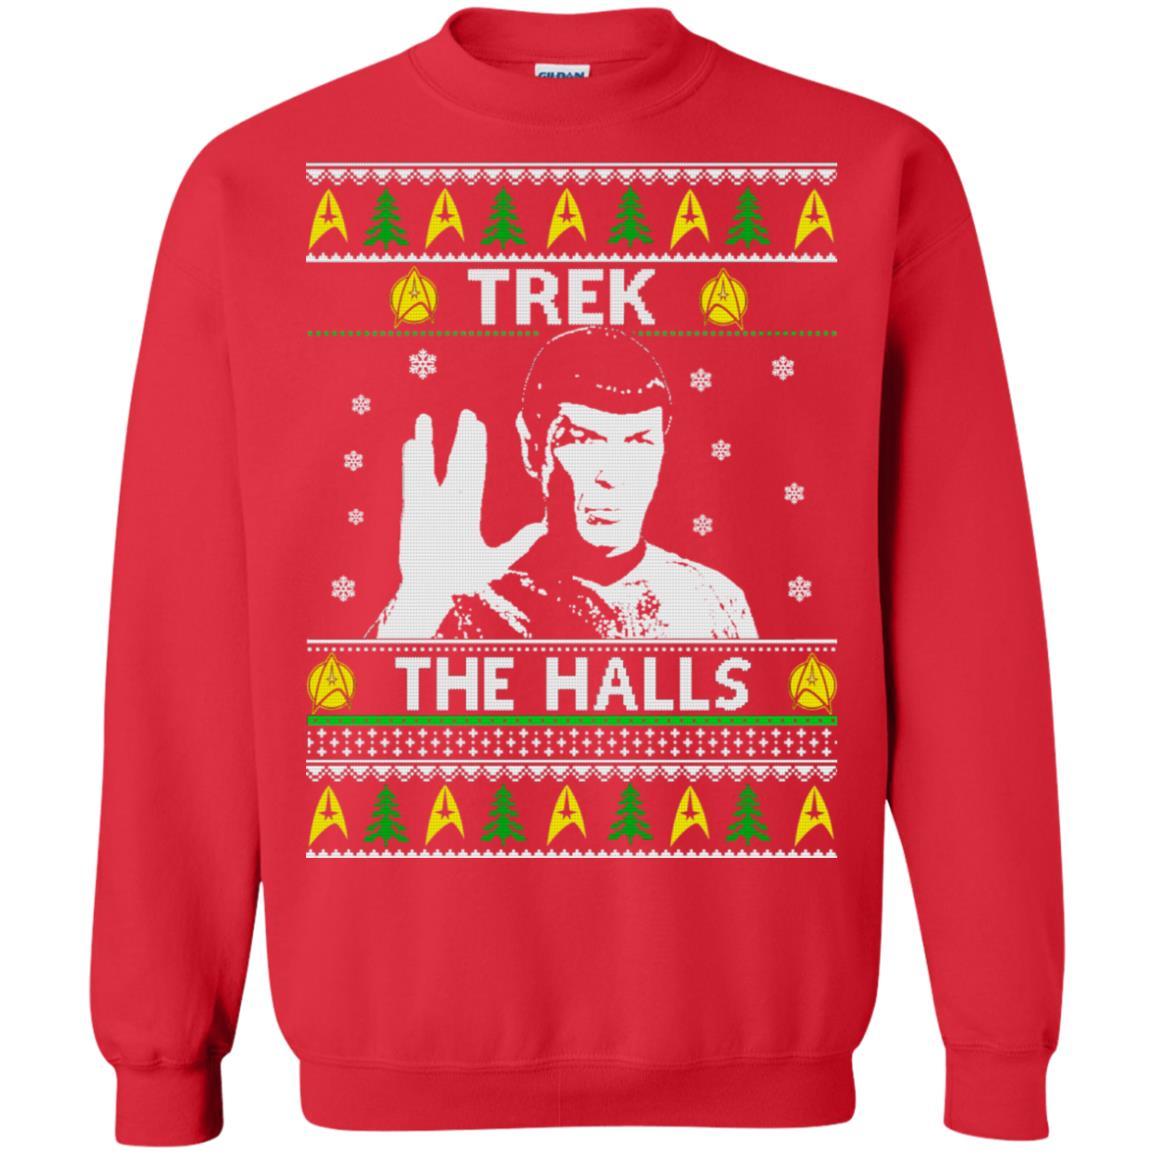 Star Trek Trek the halls Christmas sweatshirt, hoodie, long sleeve